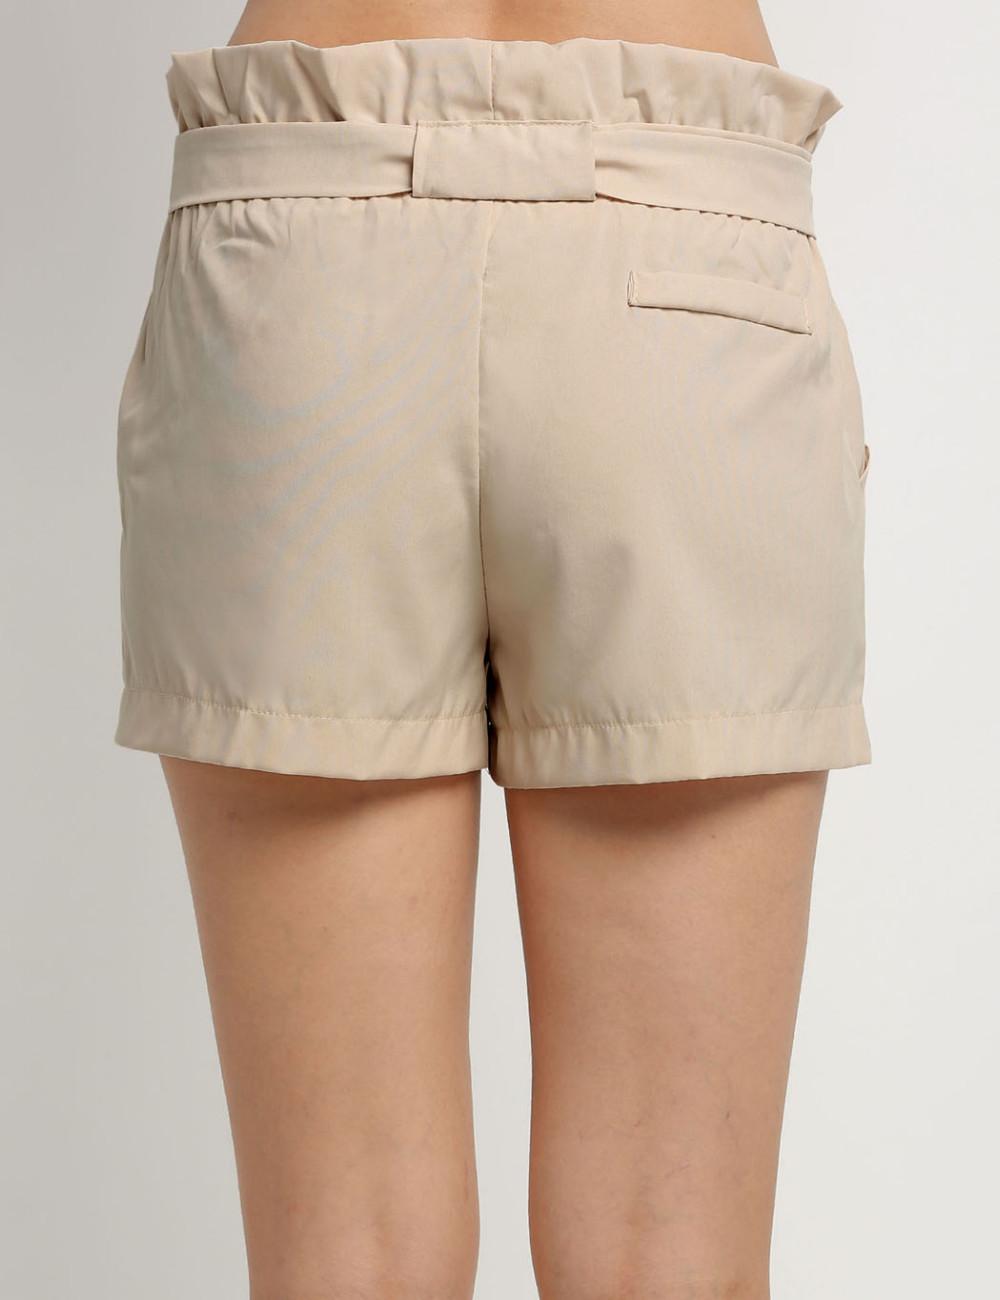 HTB15qEANFXXXXXPXVXXq6xXFXXXP - High Waist Shorts Loose Shorts With Belt Woman PTC 59